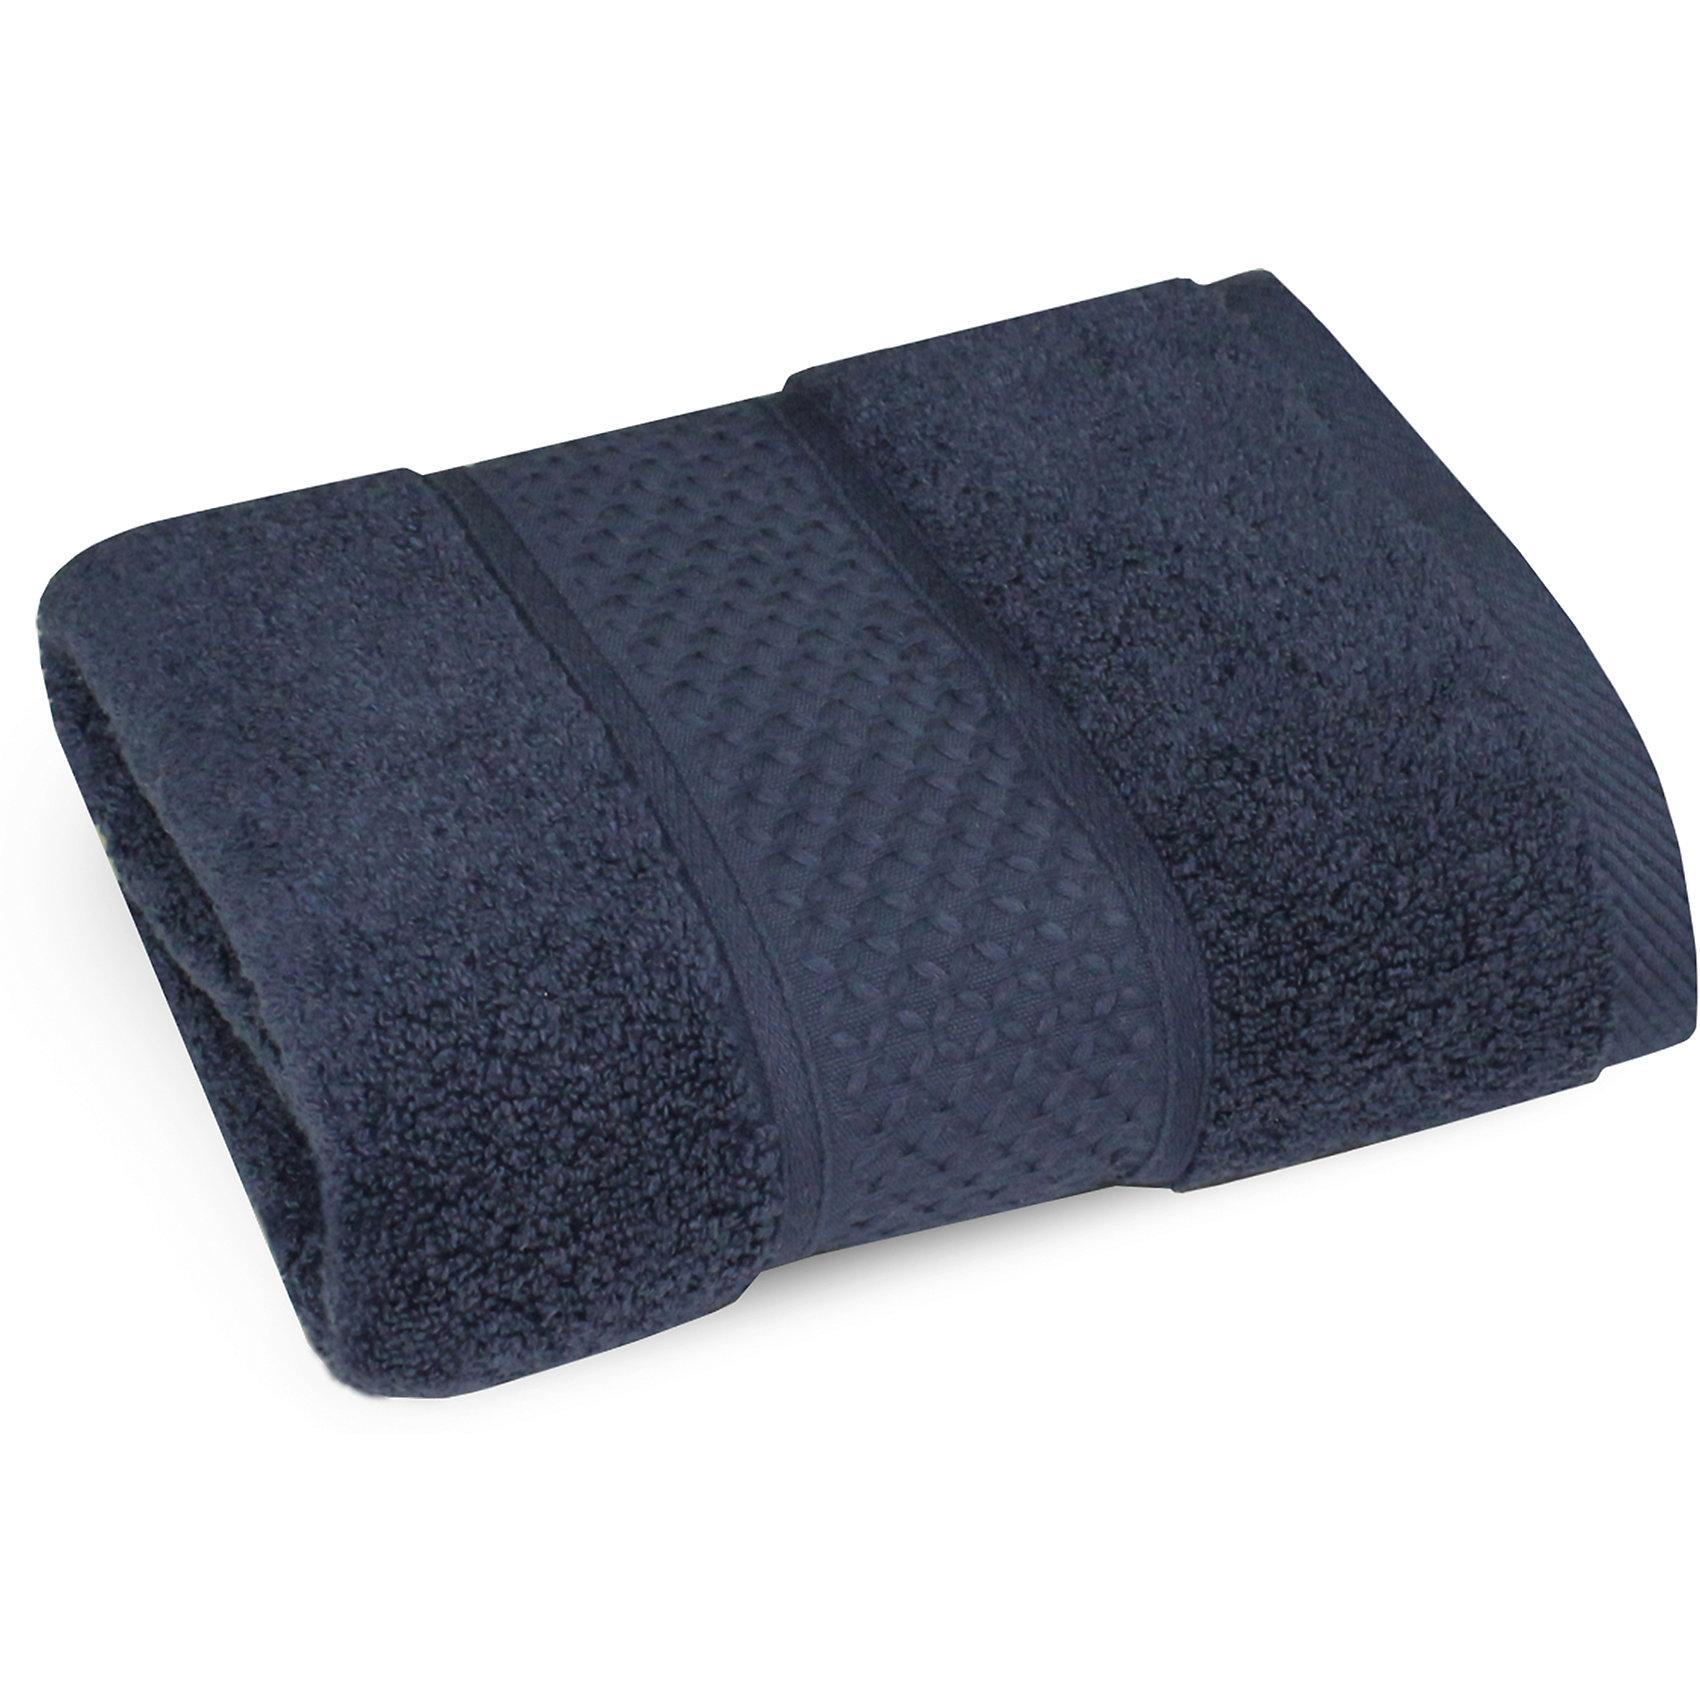 Полотенце махровое 50х90, Cozy Home, темно-синийВанная комната<br>Полотенце махровое 50х90, Cozy Home (Кози Хоум), темно-синий<br><br>Характеристики:<br><br>• мягкое полотенце, приятное на ощупь<br>• хорошо впитывает влагу<br>• легко стирать<br>• материал: хлопок<br>• размер: 50х90 см<br>• цвет: темно-синий<br><br>Полотенце из хлопка нежно позаботится о вашей коже и подарит мягкость после водных процедур. Хлопок известен своей прочностью и гипоаллергенностью. Кроме того, он не впитывает неприятные запахи, неприхотлив в уходе и не поддается деформации и выцветанию. Приятный дизайн с вышитым бордюром станет прекрасным дополнением для вашей ванной комнаты.<br><br>Полотенце махровое 50х90, Cozy Home (Кози Хоум), темно-синий можно купить в нашем интернет-магазине.<br><br>Ширина мм: 150<br>Глубина мм: 250<br>Высота мм: 150<br>Вес г: 250<br>Возраст от месяцев: 0<br>Возраст до месяцев: 216<br>Пол: Мужской<br>Возраст: Детский<br>SKU: 5355304